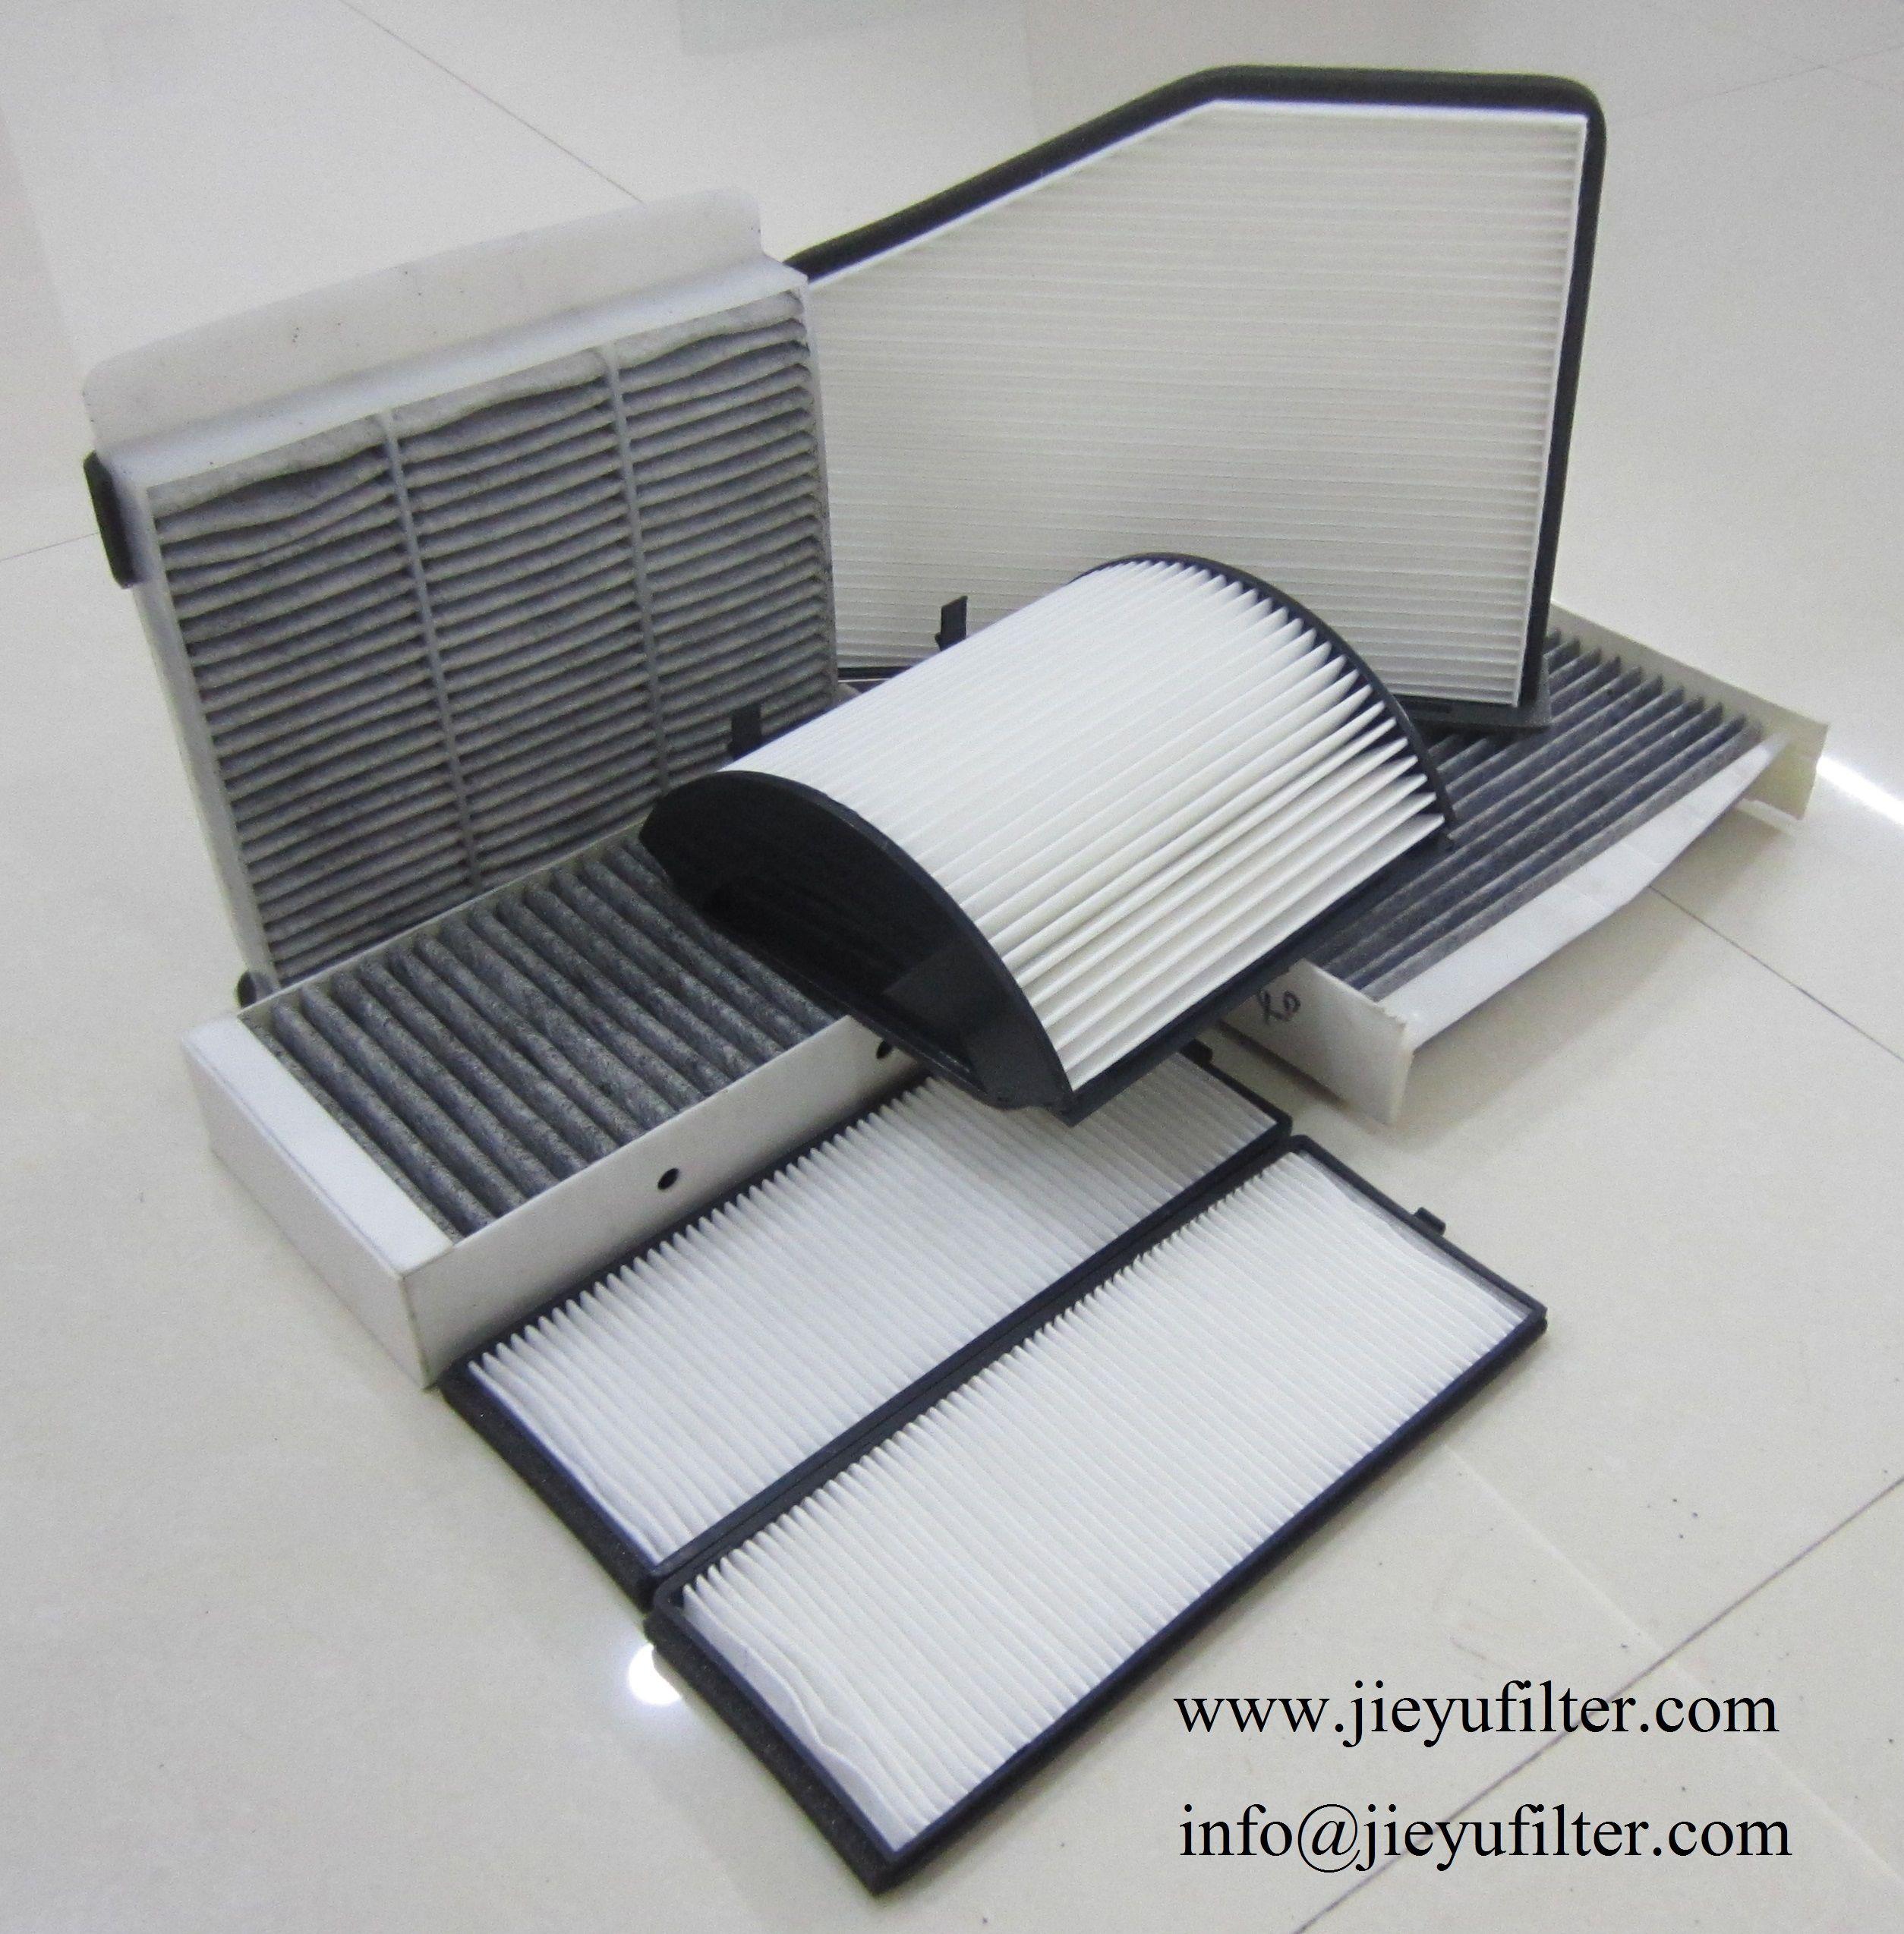 cabin air filter, cabin filter, pollen filter, air